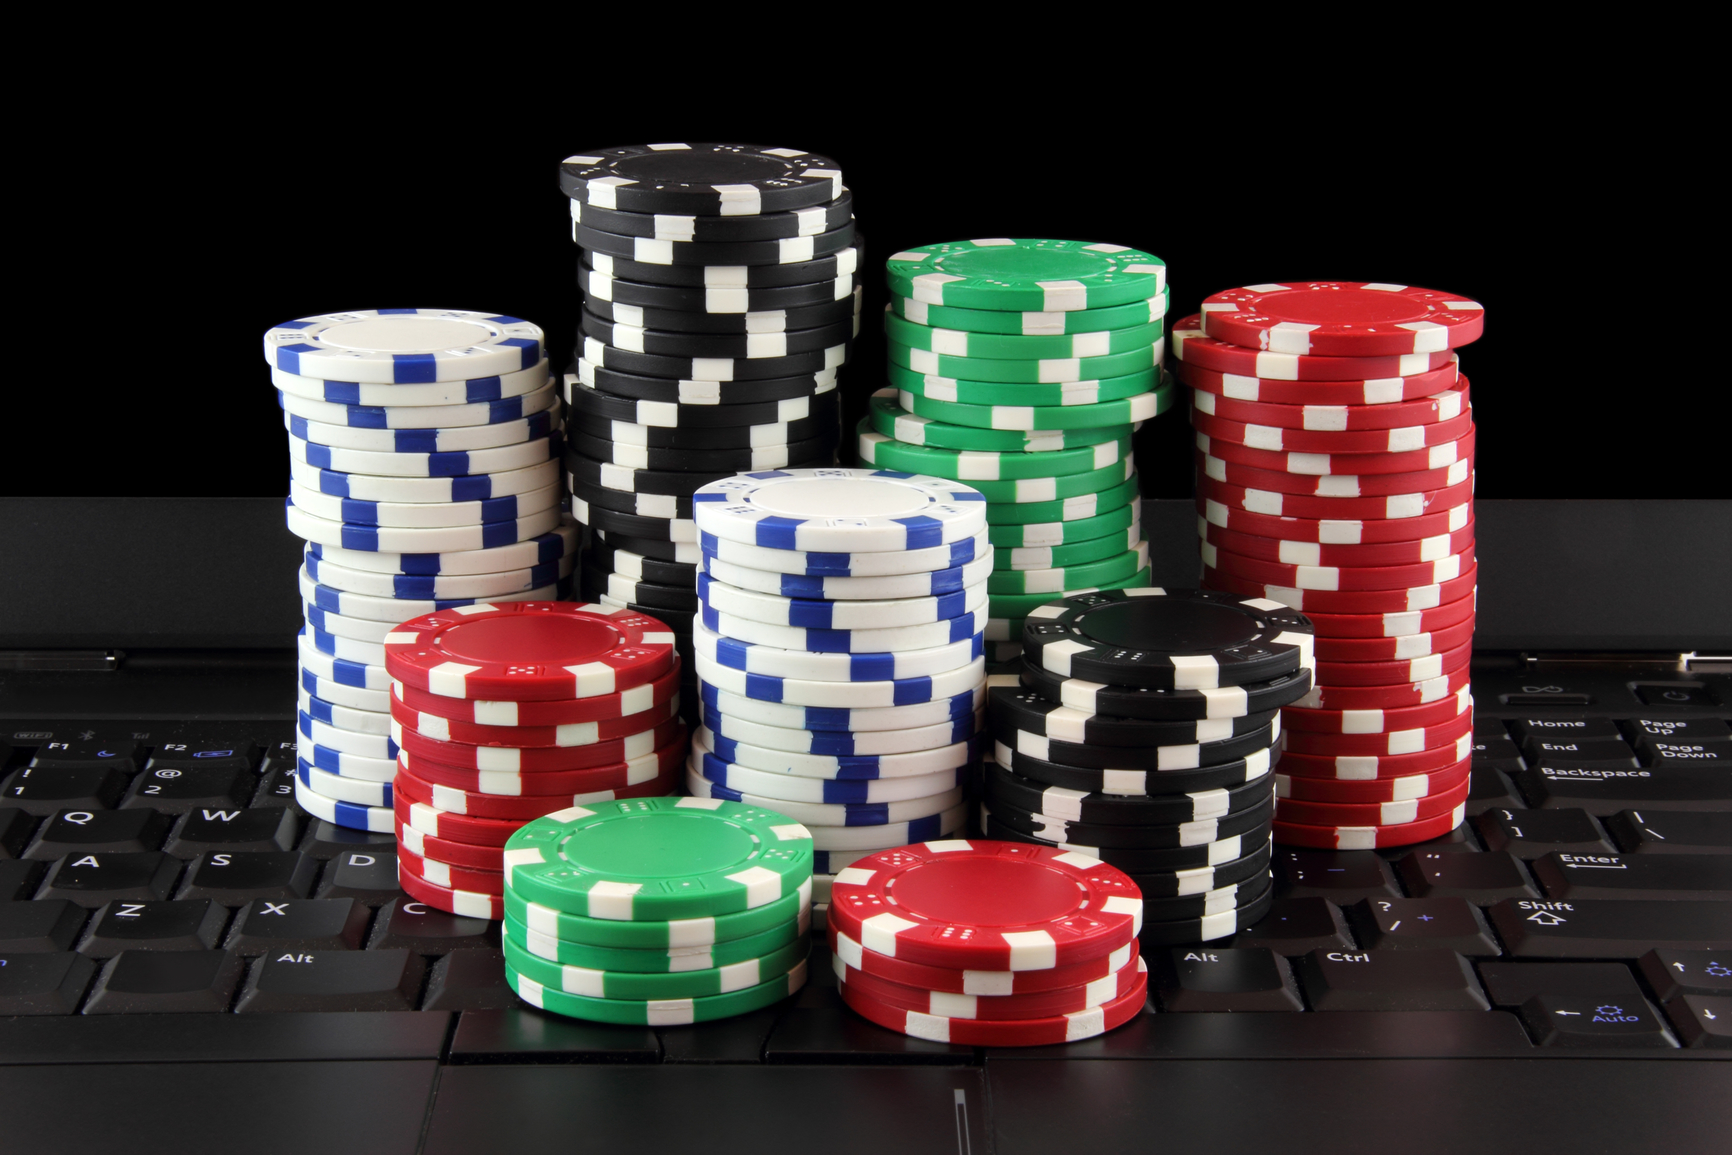 Online gambling website